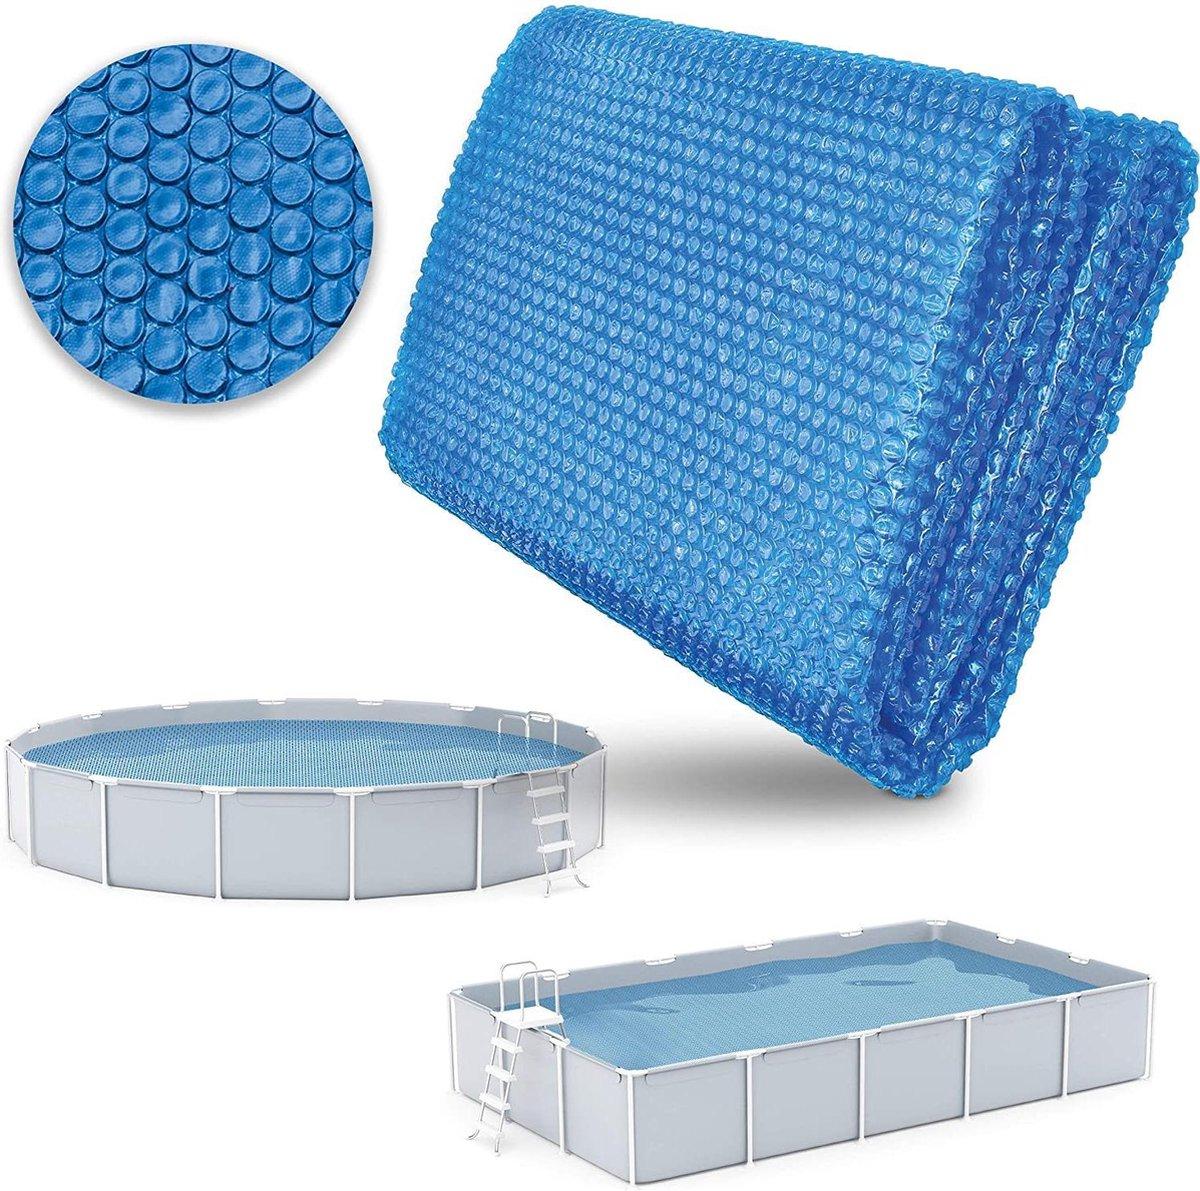 Sens Design Afdekzeil Zwembad - Zwembadzeil - solar - rond - Ø 549cm